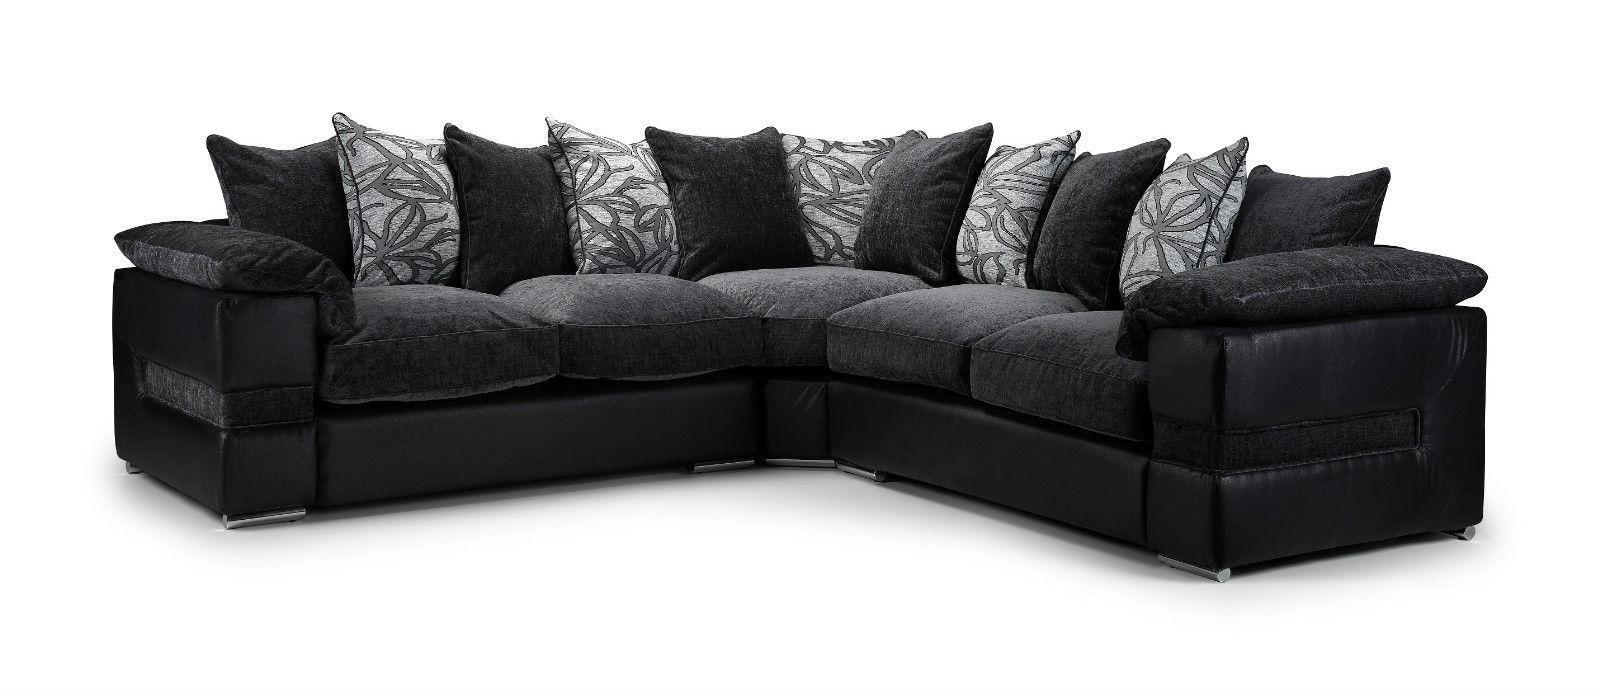 Featured Image of Black Corner Sofas